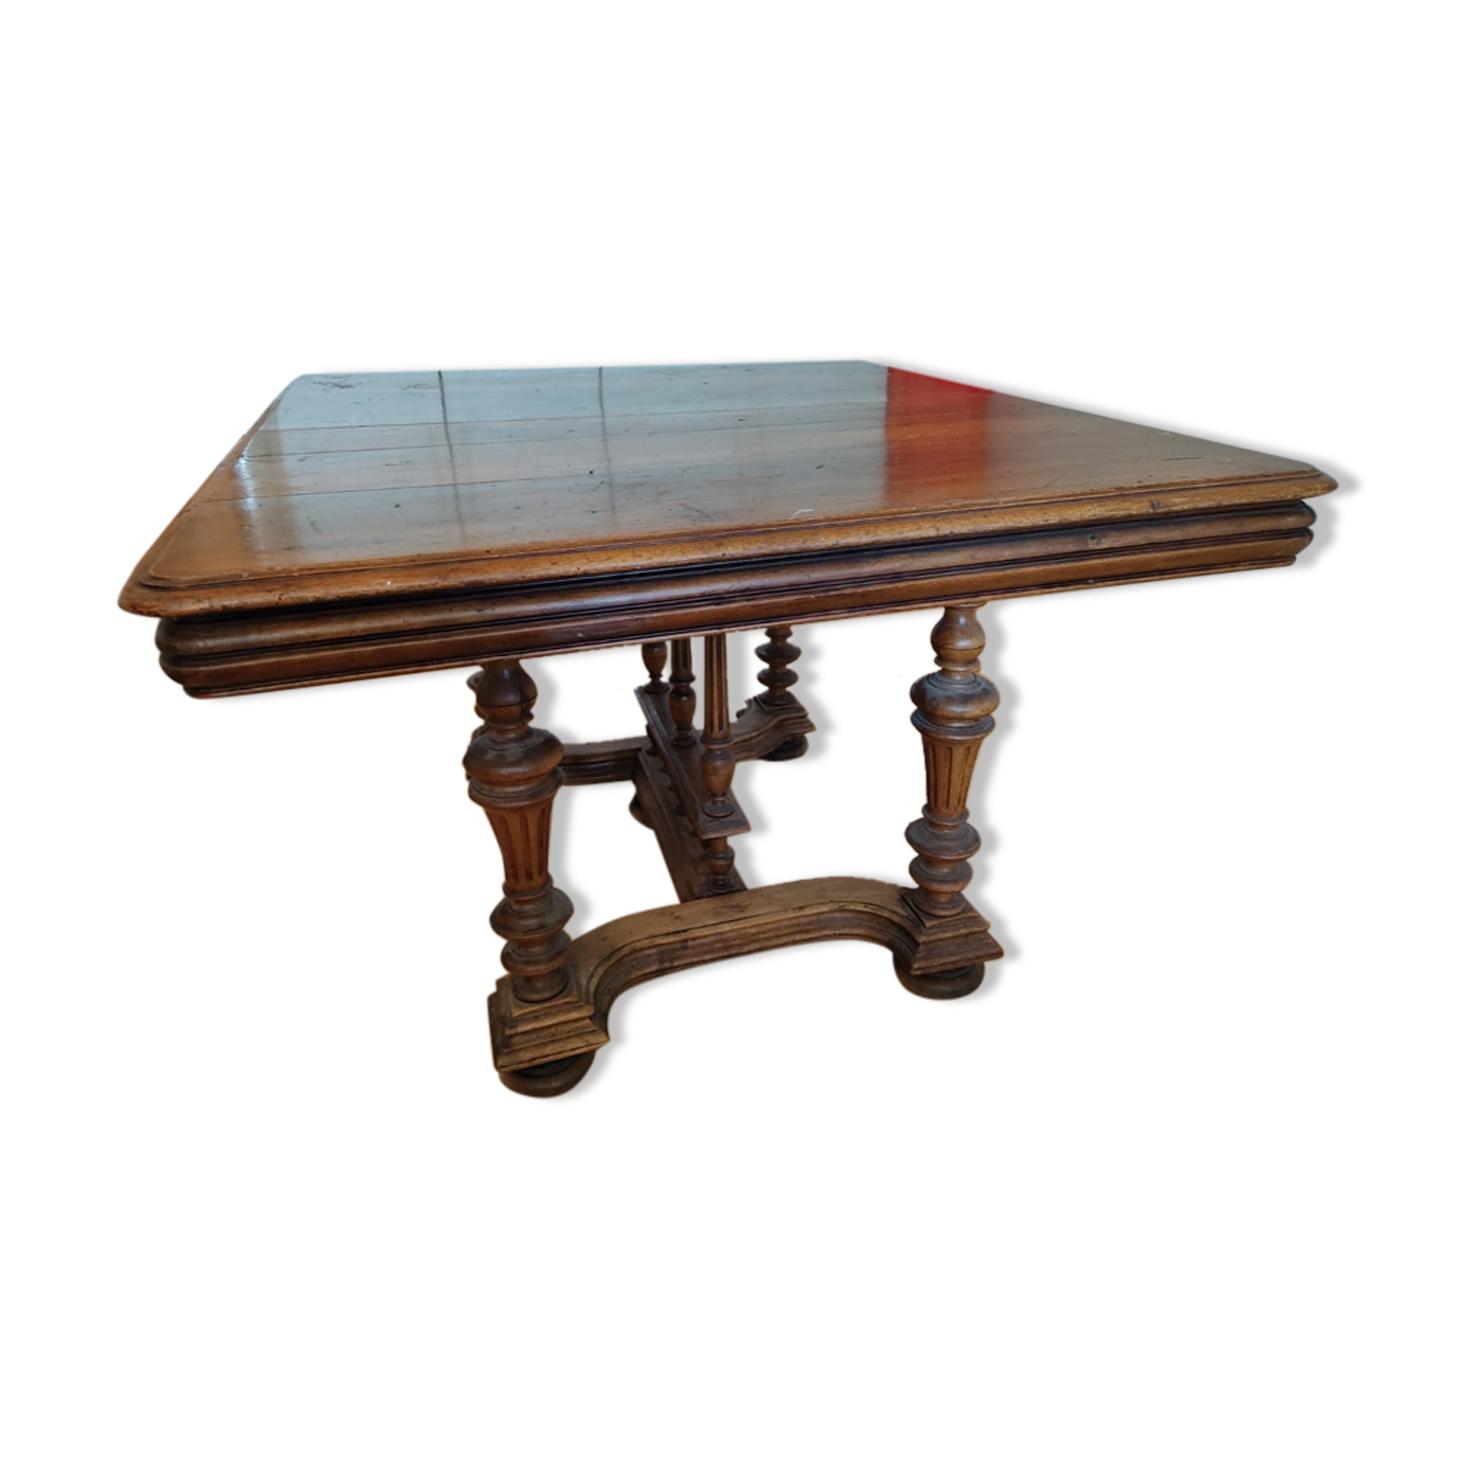 Table Henry II en bois de chêne, extensible (dimensions 105/105 cm, standards extensible)